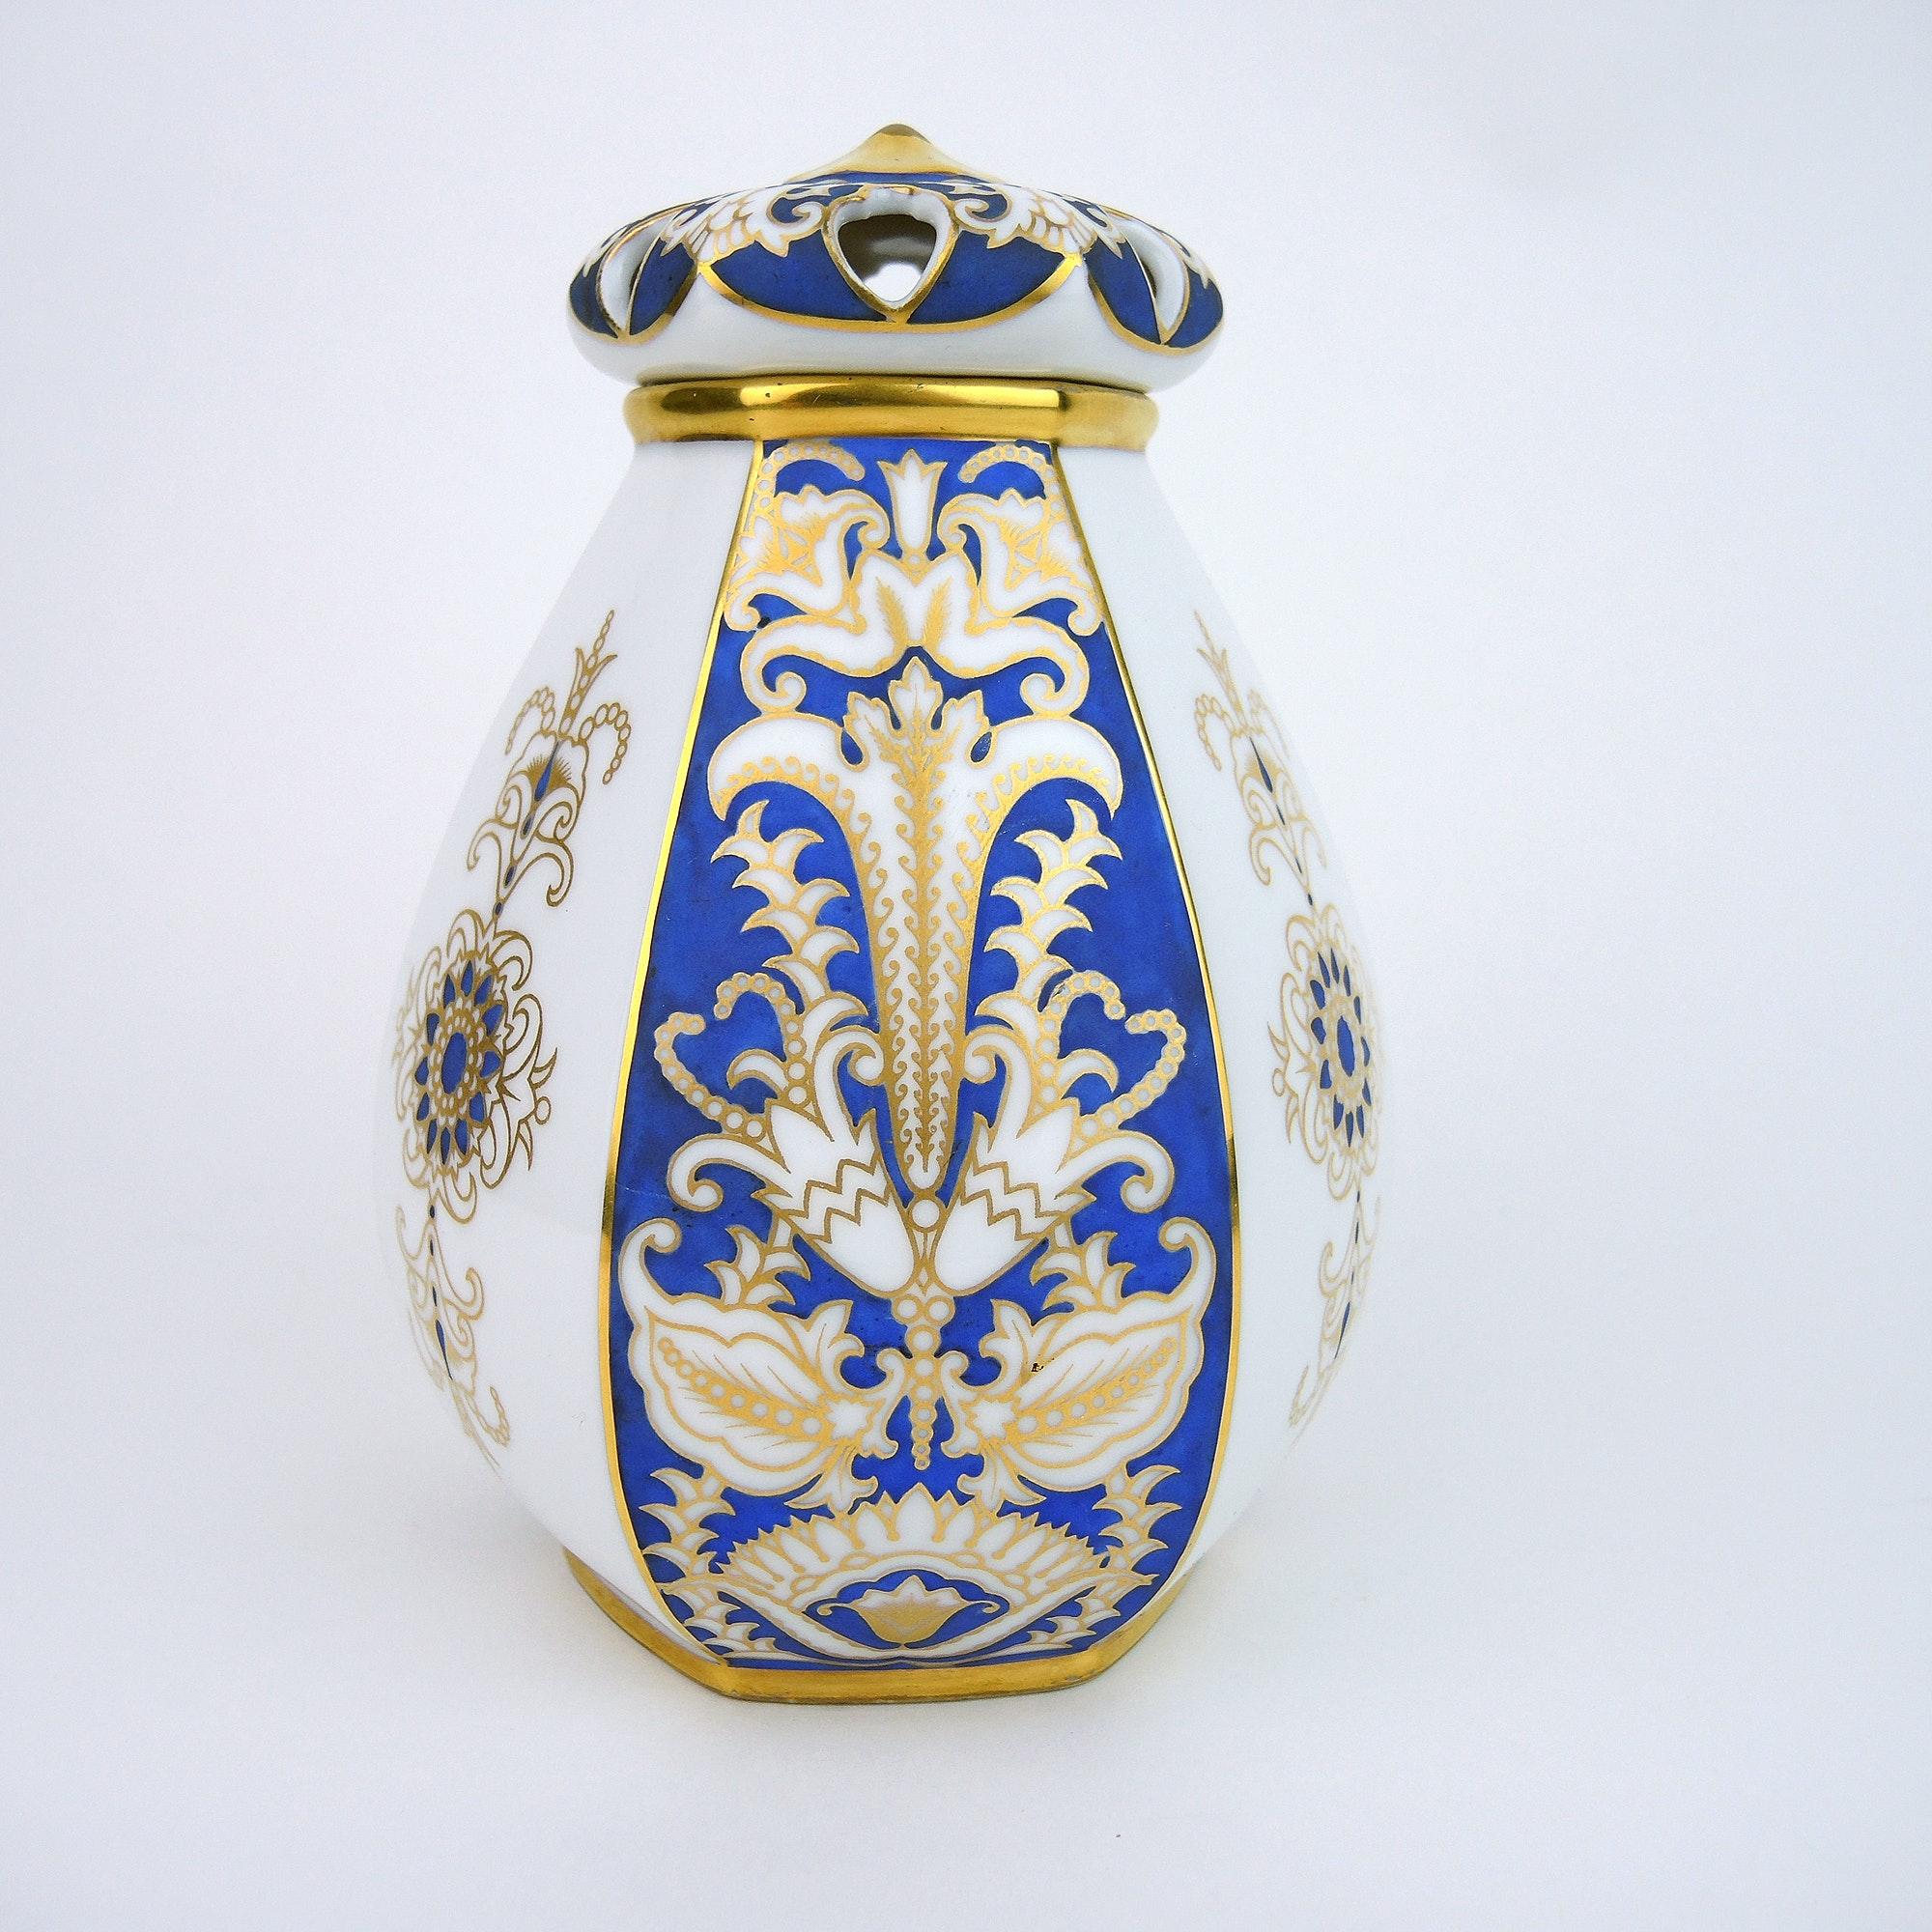 Antique Hutschenreuther Porcelain Potpourri Jar with Lid